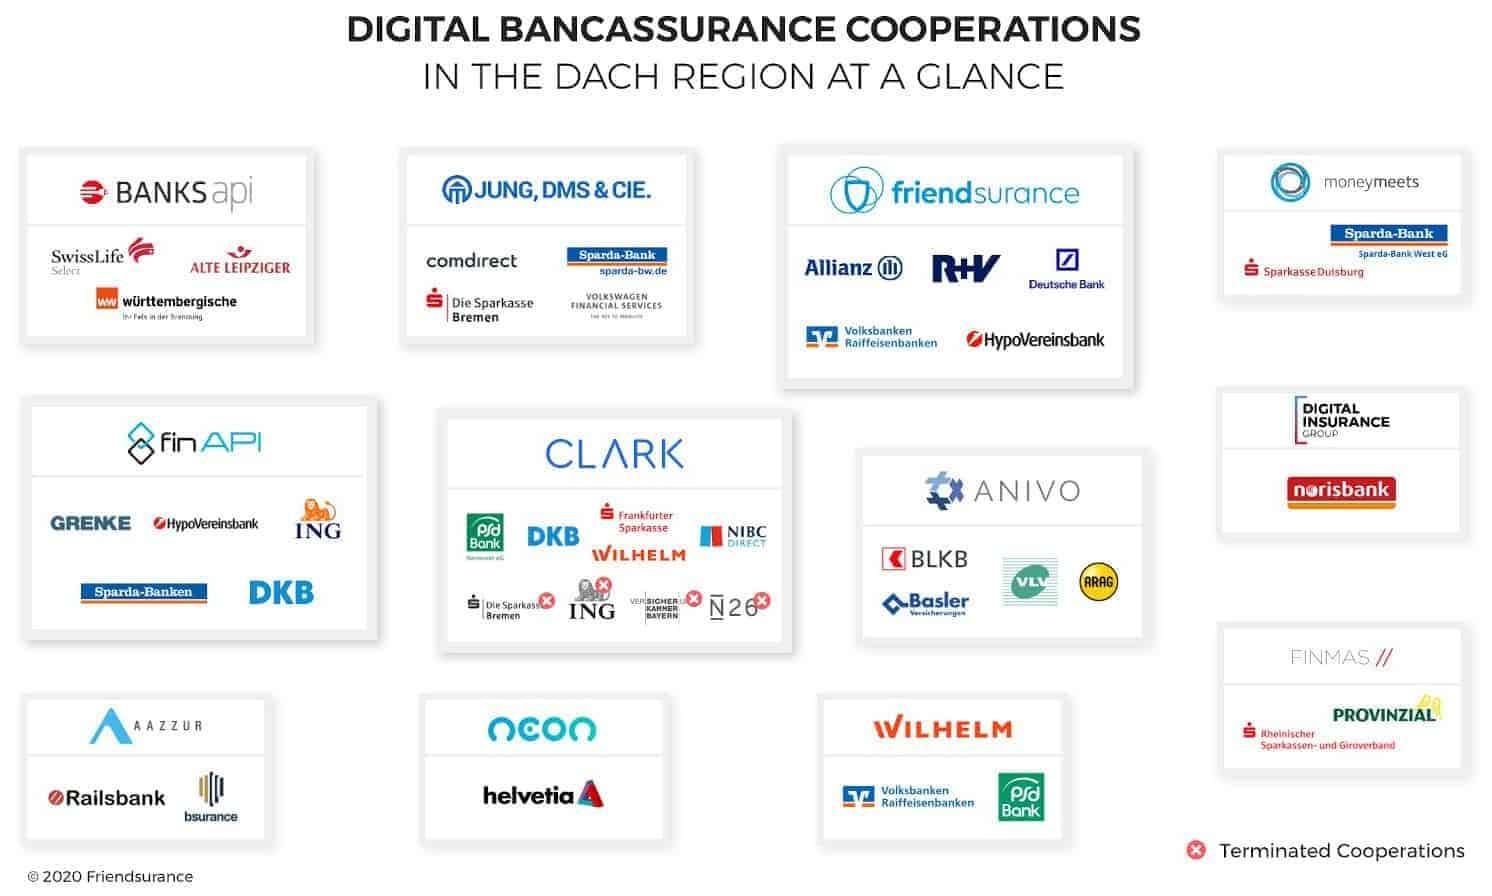 Die Digitalisierung der Bancassurance öffnet Insurtechs die Tür als dritten Partner bei Kooperationen von Banken und Versicherungen, wie der aktuelle Überblick zeigt. <Q>Friendsurance